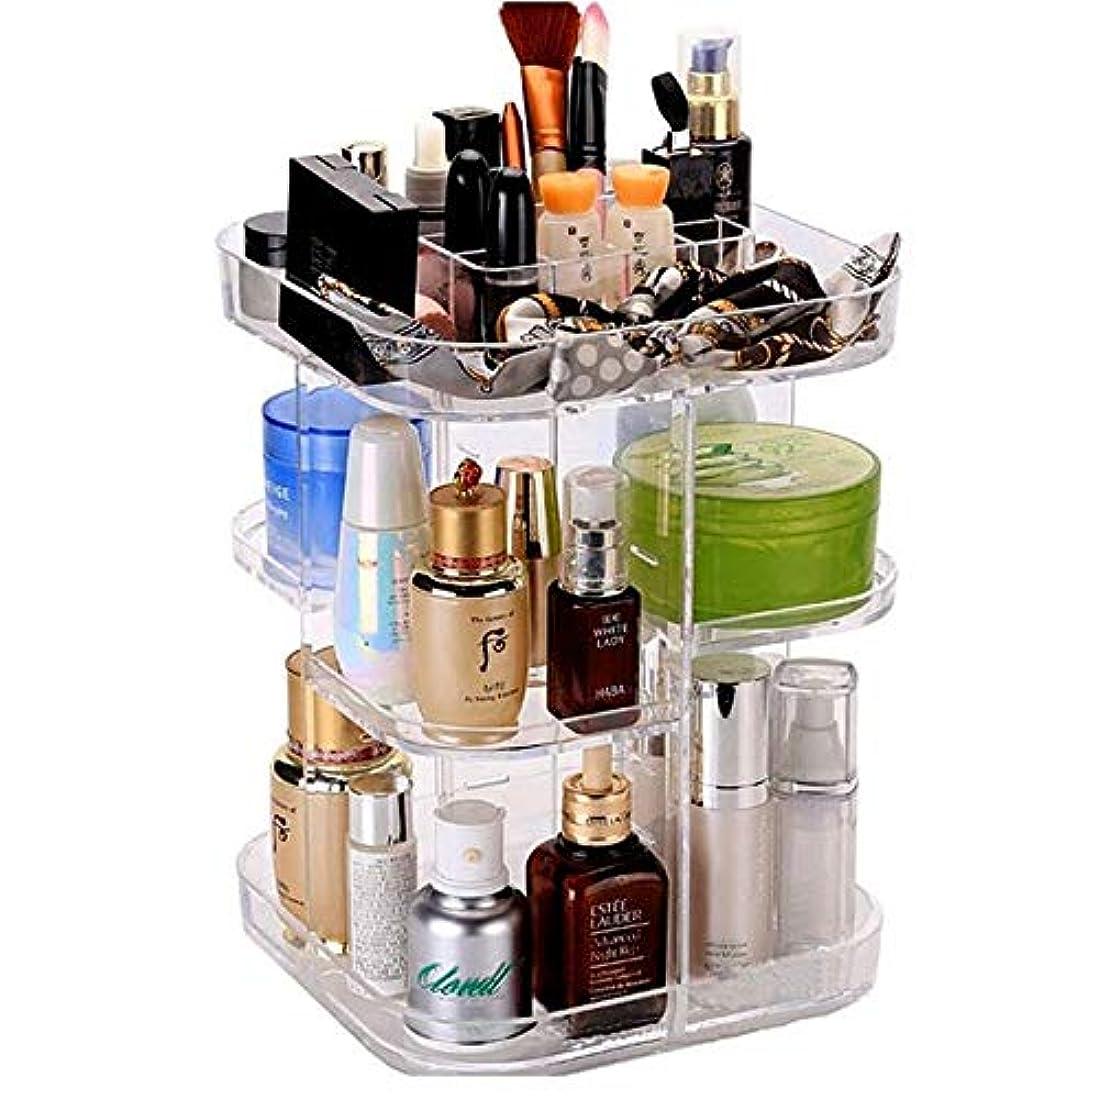 セクションオゾン聖歌整理簡単 シンプル回転化粧オーガナイザー360回転メイクアップ収納最大容量ディスプレイスタンドボックス用ドレッサー寝室の浴室 (Color : Clear, Size : 22*22*32CM)